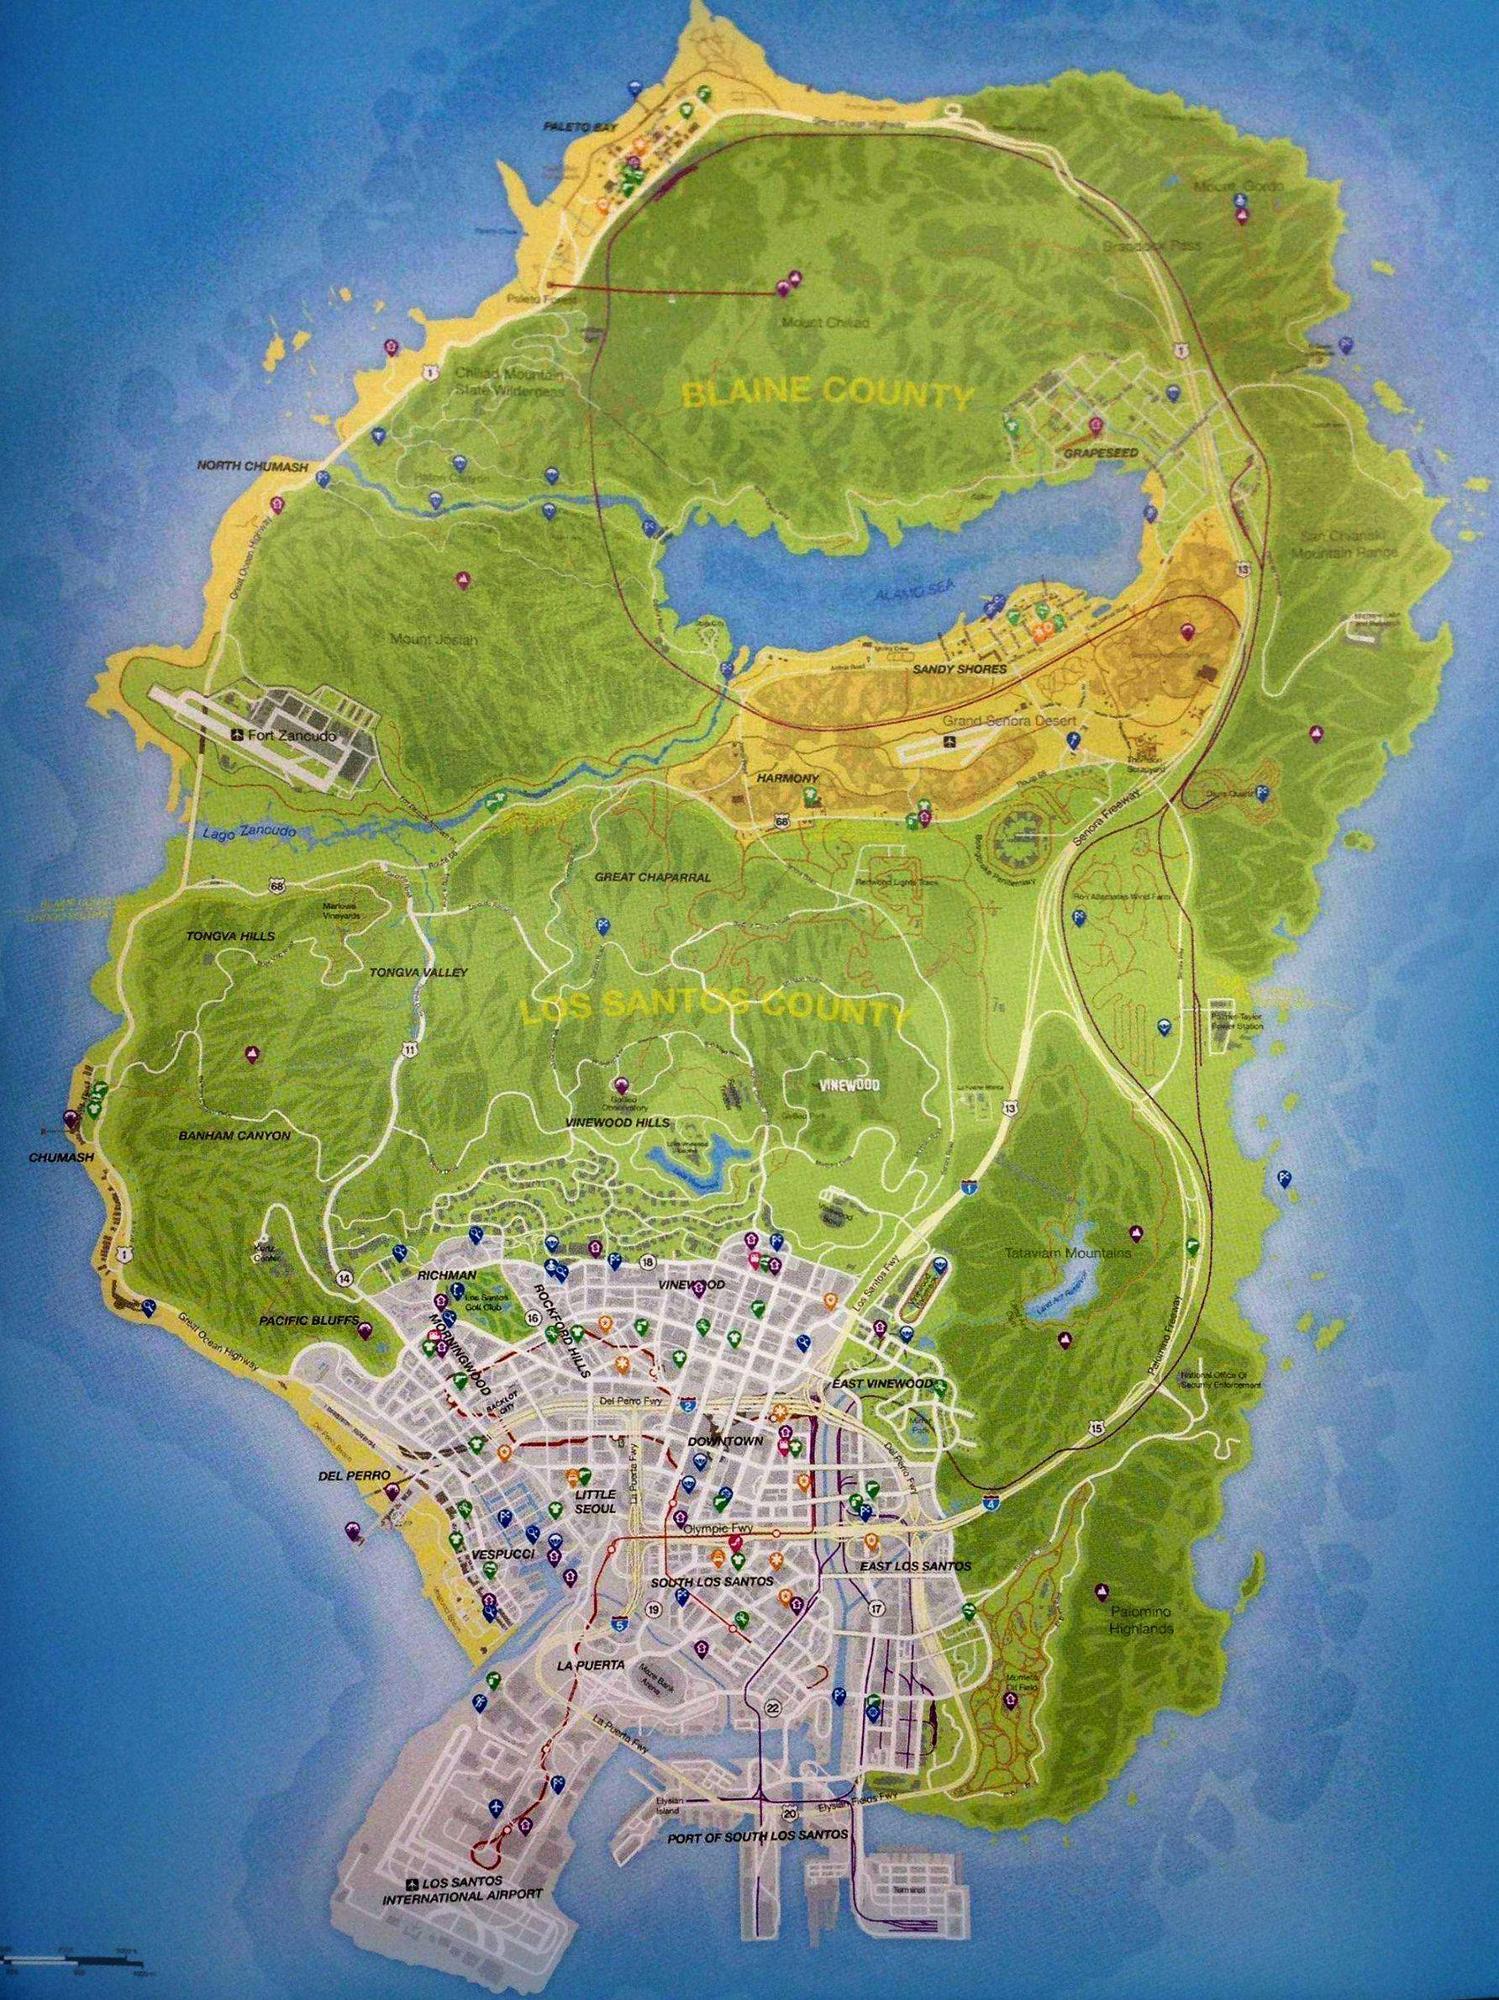 Петренко зеленые круги на карте в гта 5 рассказал том